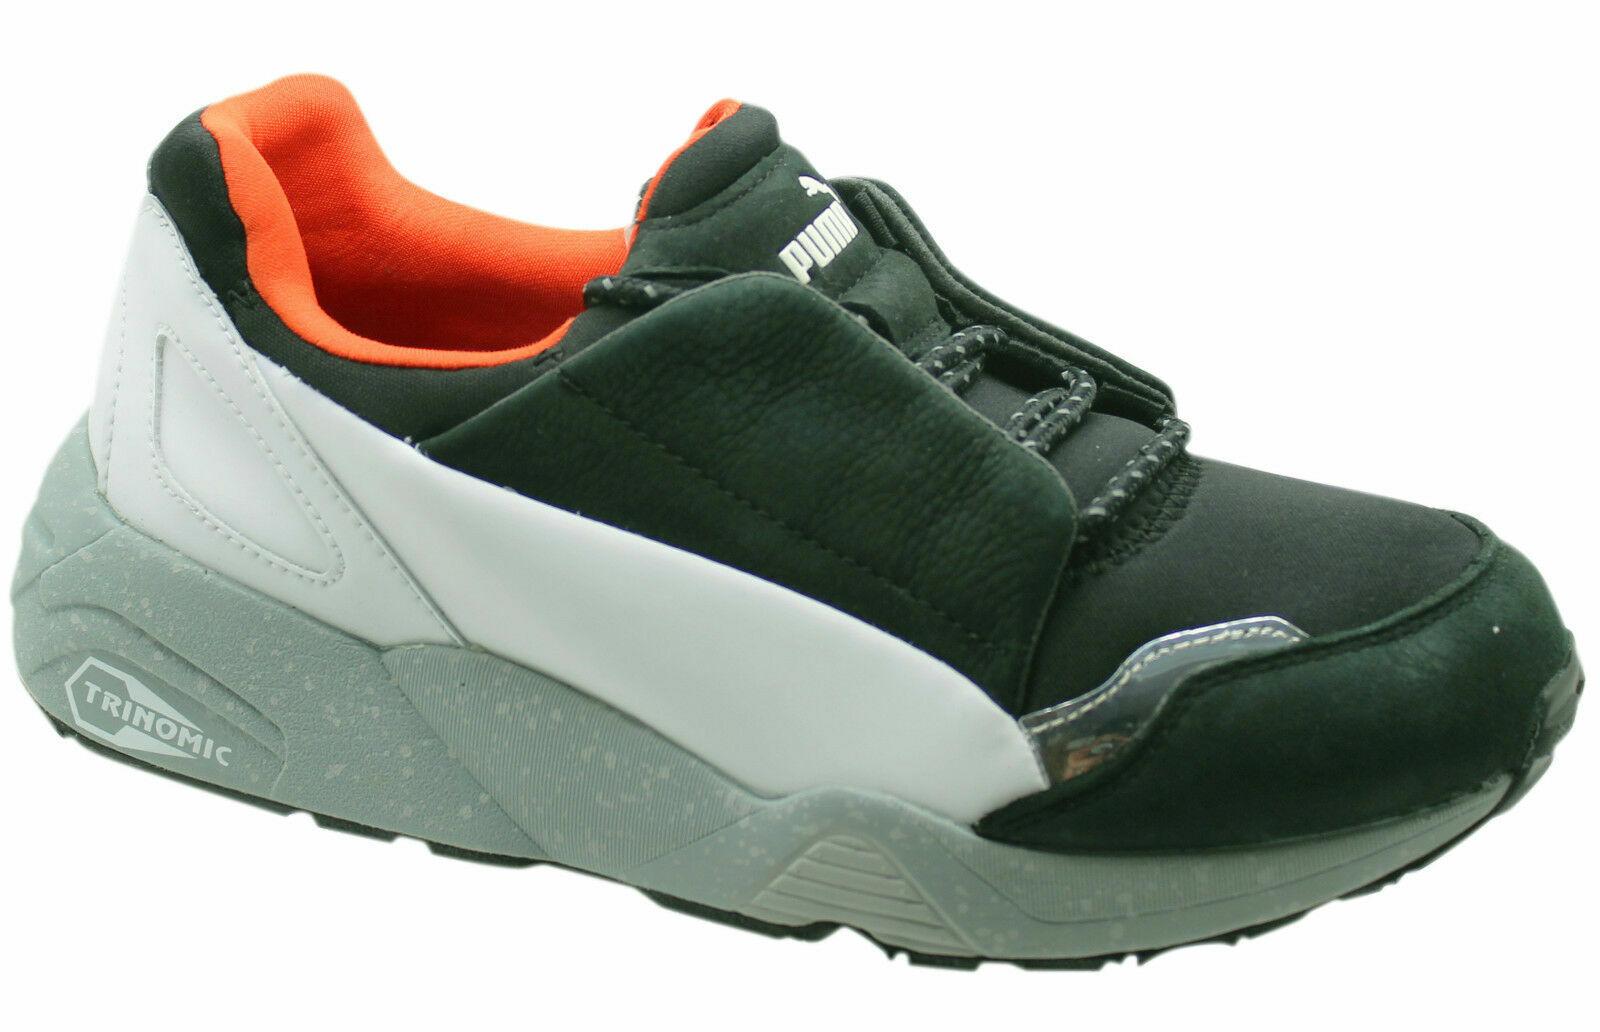 Puma Trinomic AMQ MCQ Alexeer Mcregina misura 6 Regno Unito Unisex Sautope da ginnastica 359508 01 D73 Sautope classeiche da uomo